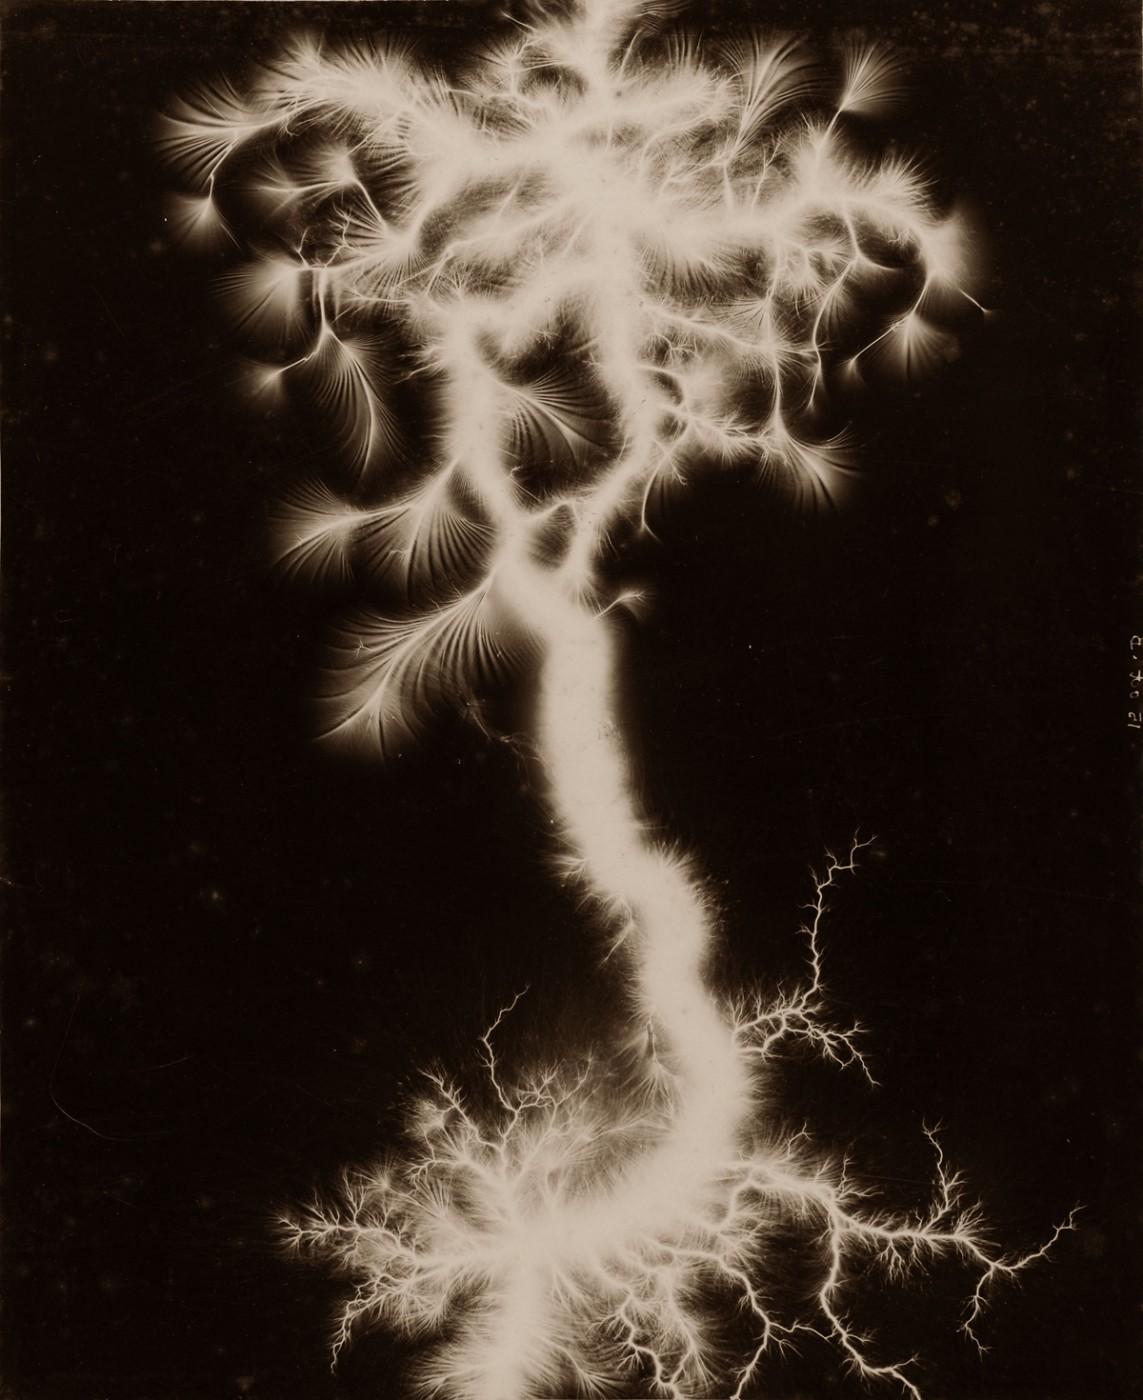 Étienne Léopold Trouvelot, </span><span><em>Étude d'étincelle</em>, </span><span>c. 1885. Gelatin silver print, 11.8 x 9.4&quot;. Collection of Thomas Ruff, Düsseldorf.  Image courtesy of Thomas Ruff.